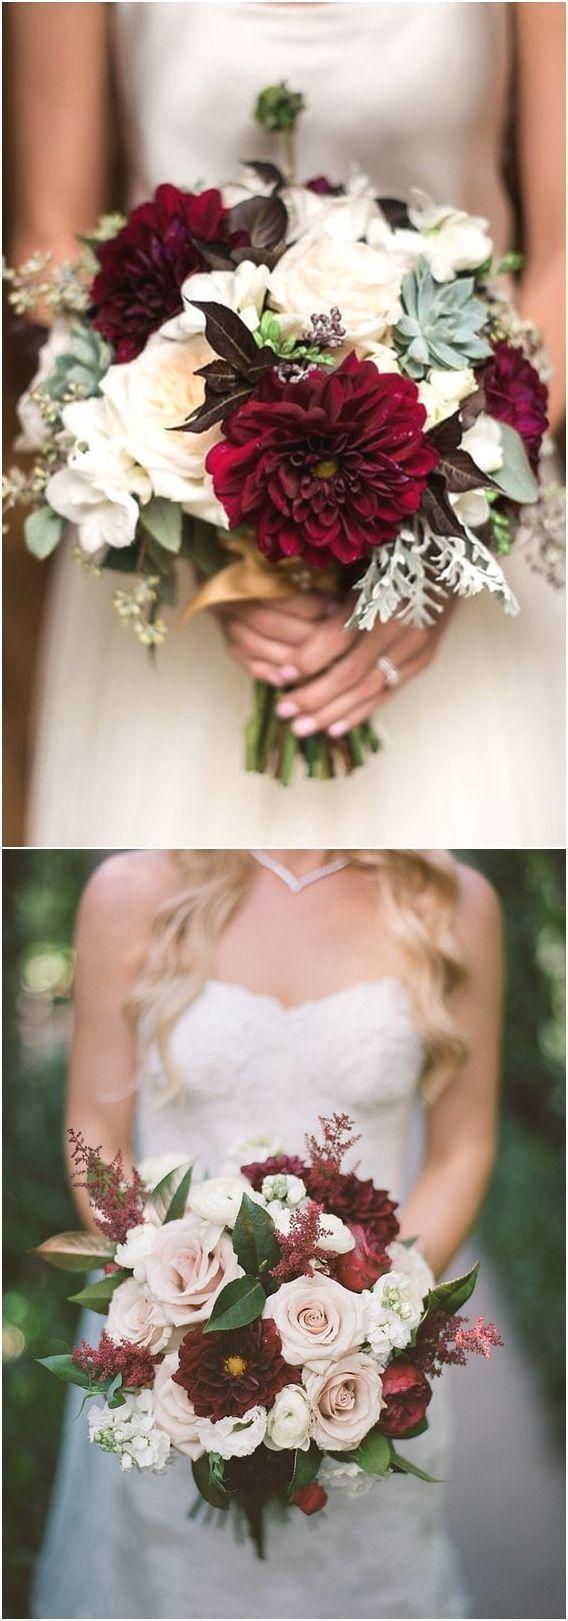 Burgundy Wedding Bouquets for Fall / Winter Wedding #Wedding #Wedding ......